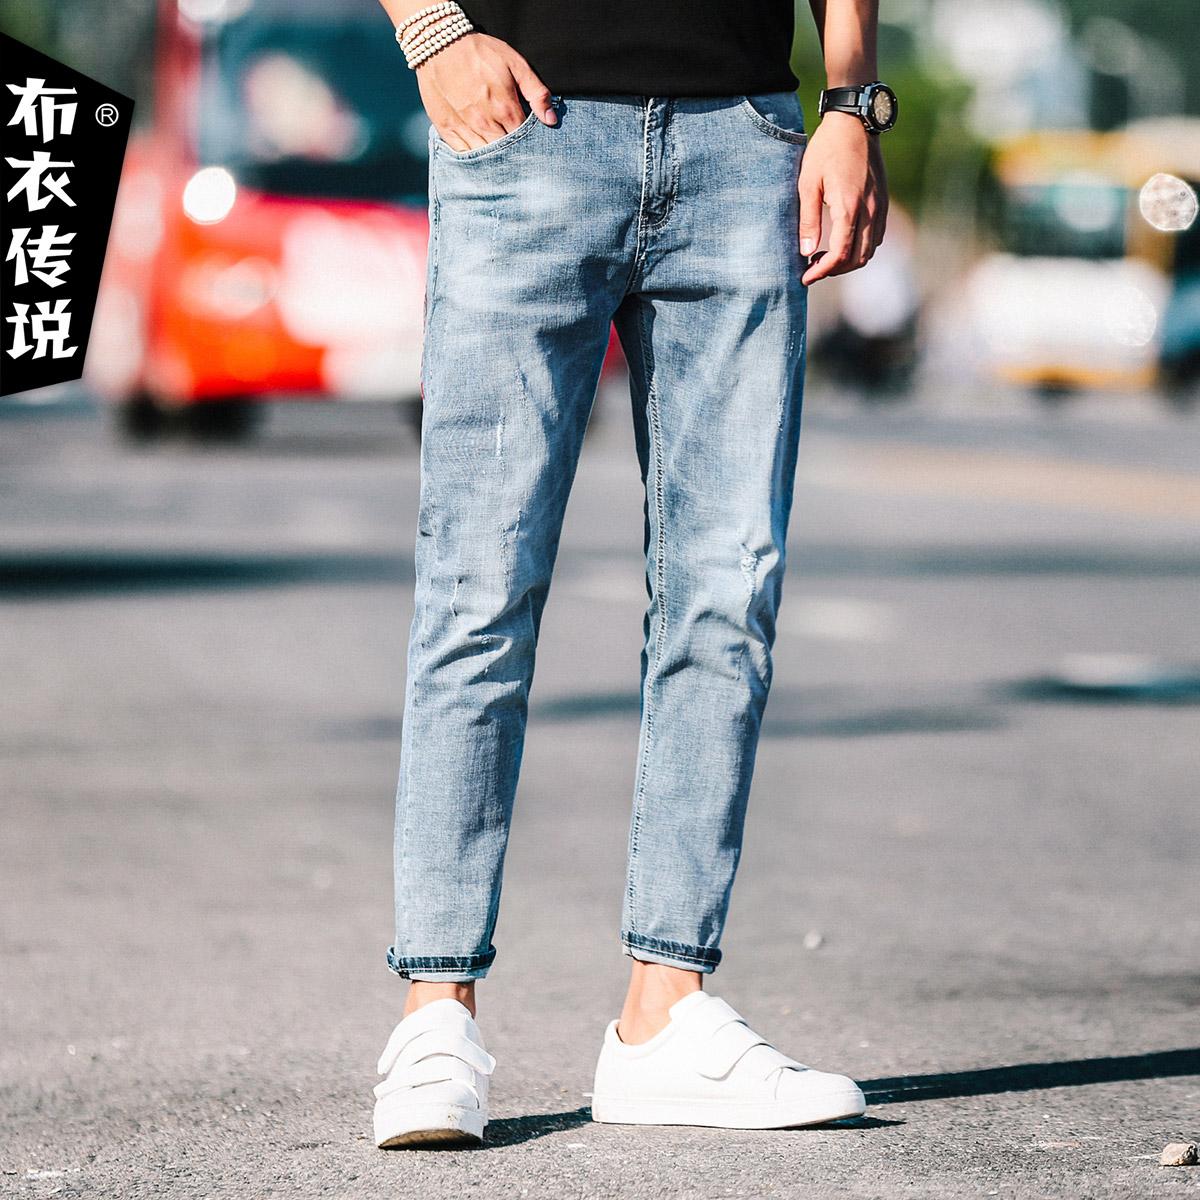 布衣传说英文印花牛仔裤男夏季青年韩版直筒九分裤微弹浅色长裤子